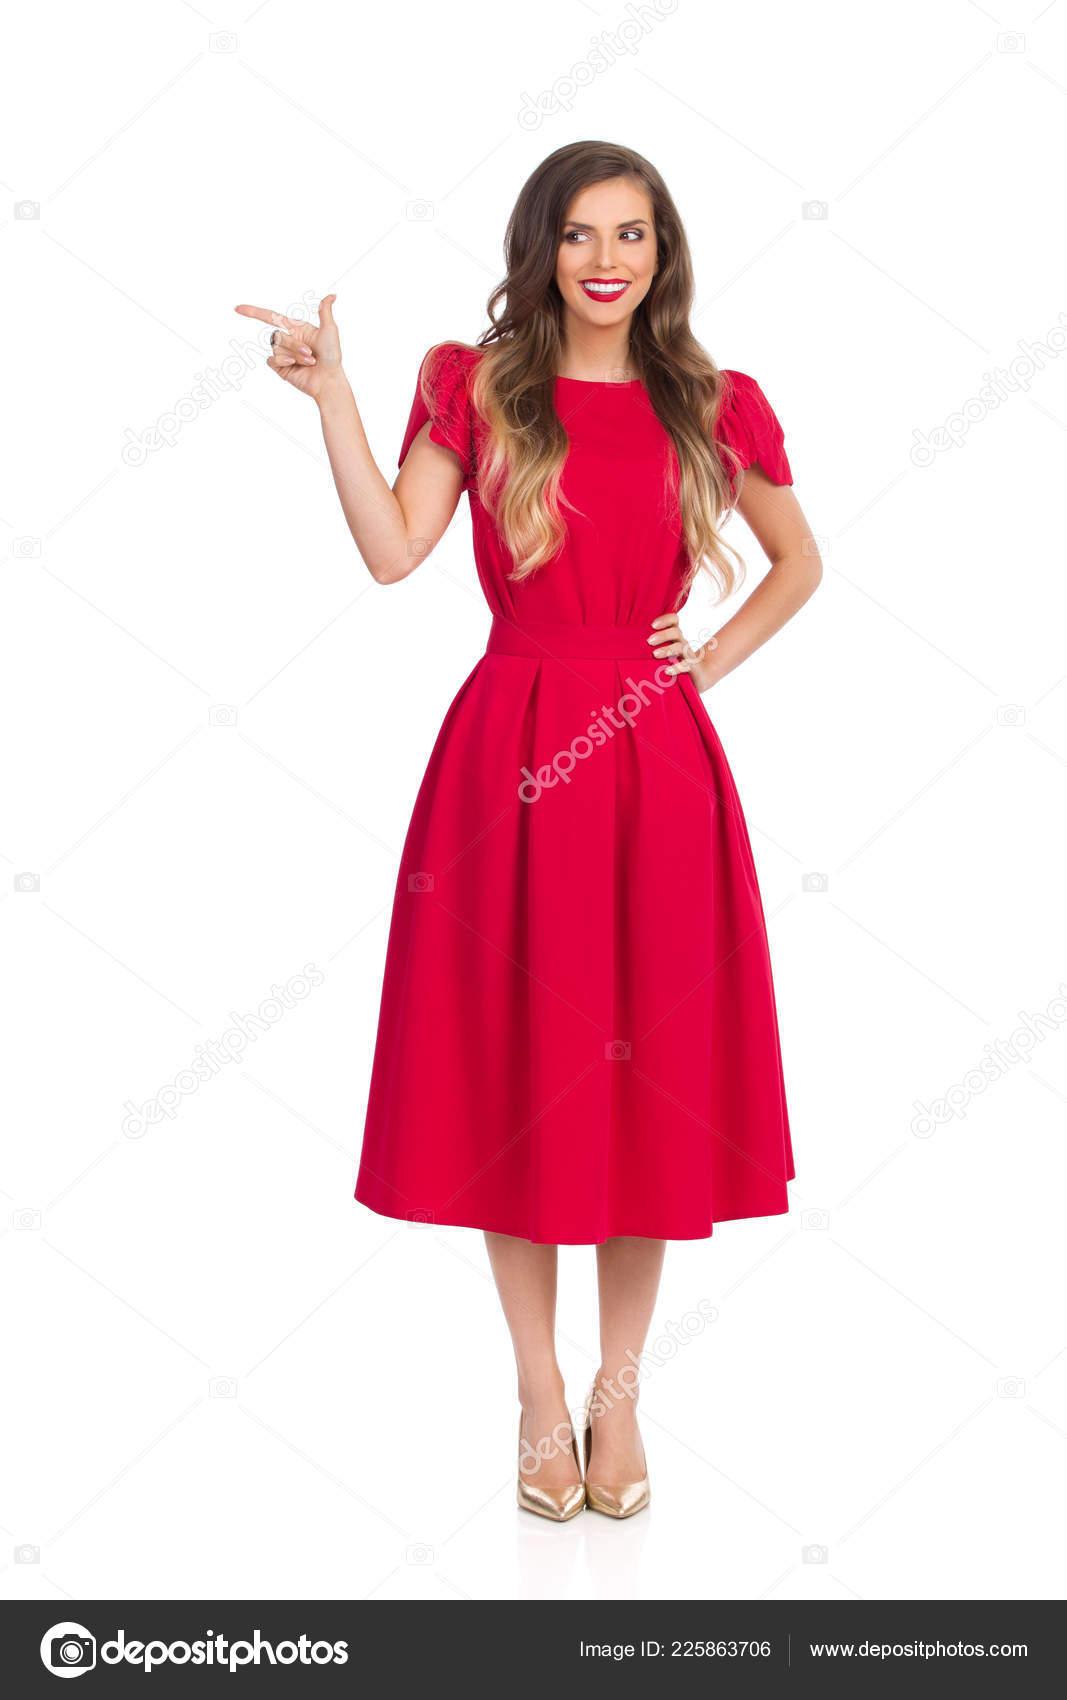 a58b5568c44 Belle Jeune Femme Robe Rouge Talons Est Debout Recherche Loin ...